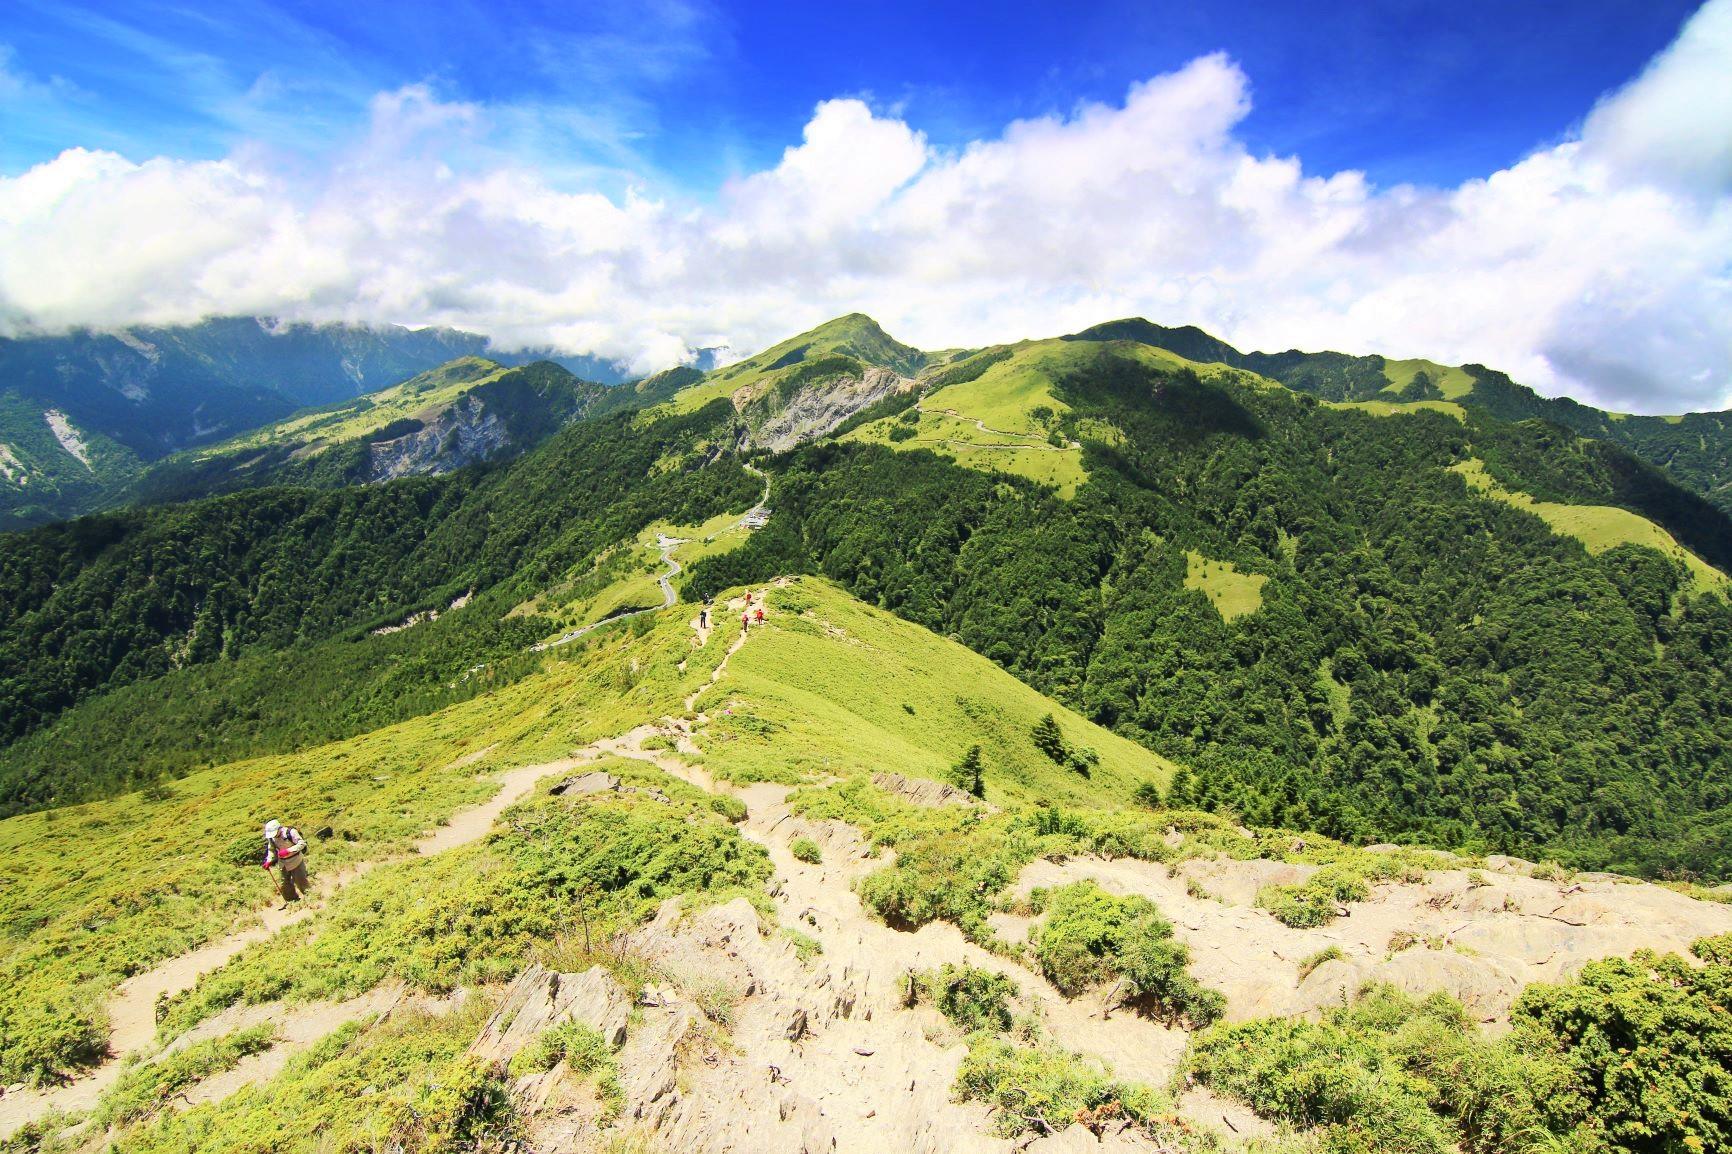 台湾百岳・合歓山2座登頂と太魯閣峡谷ハイキング 5日間